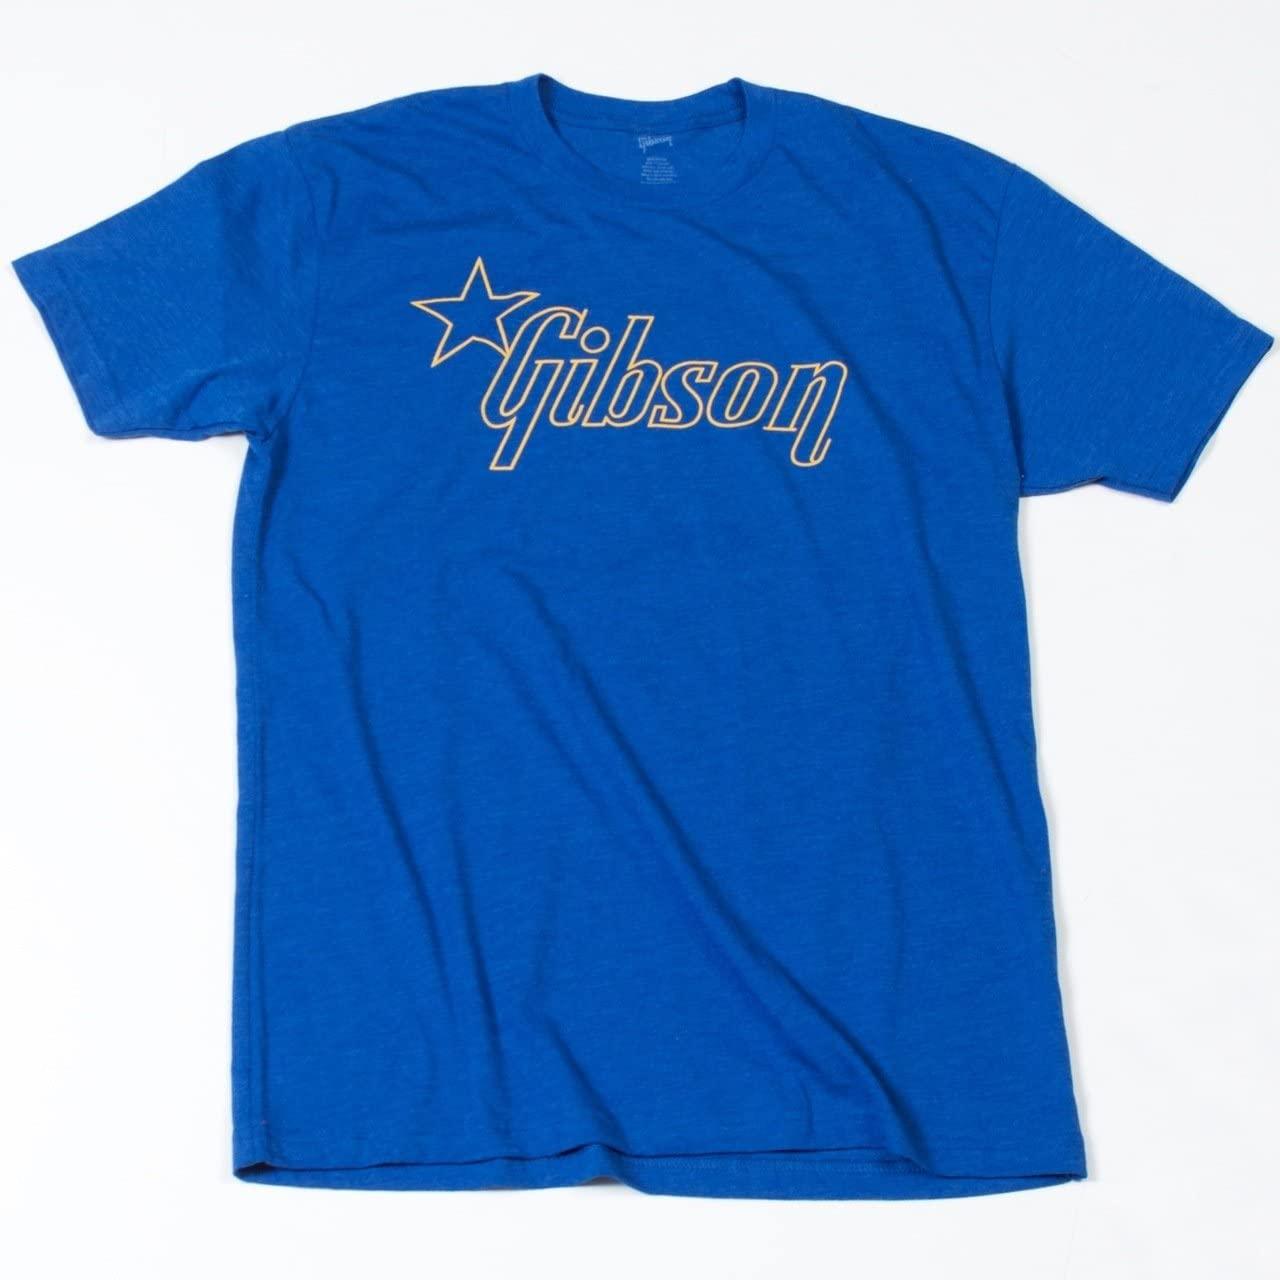 ギター用アクセサリー・パーツ, その他 Gibson Star T-Shirt (BLUE) T